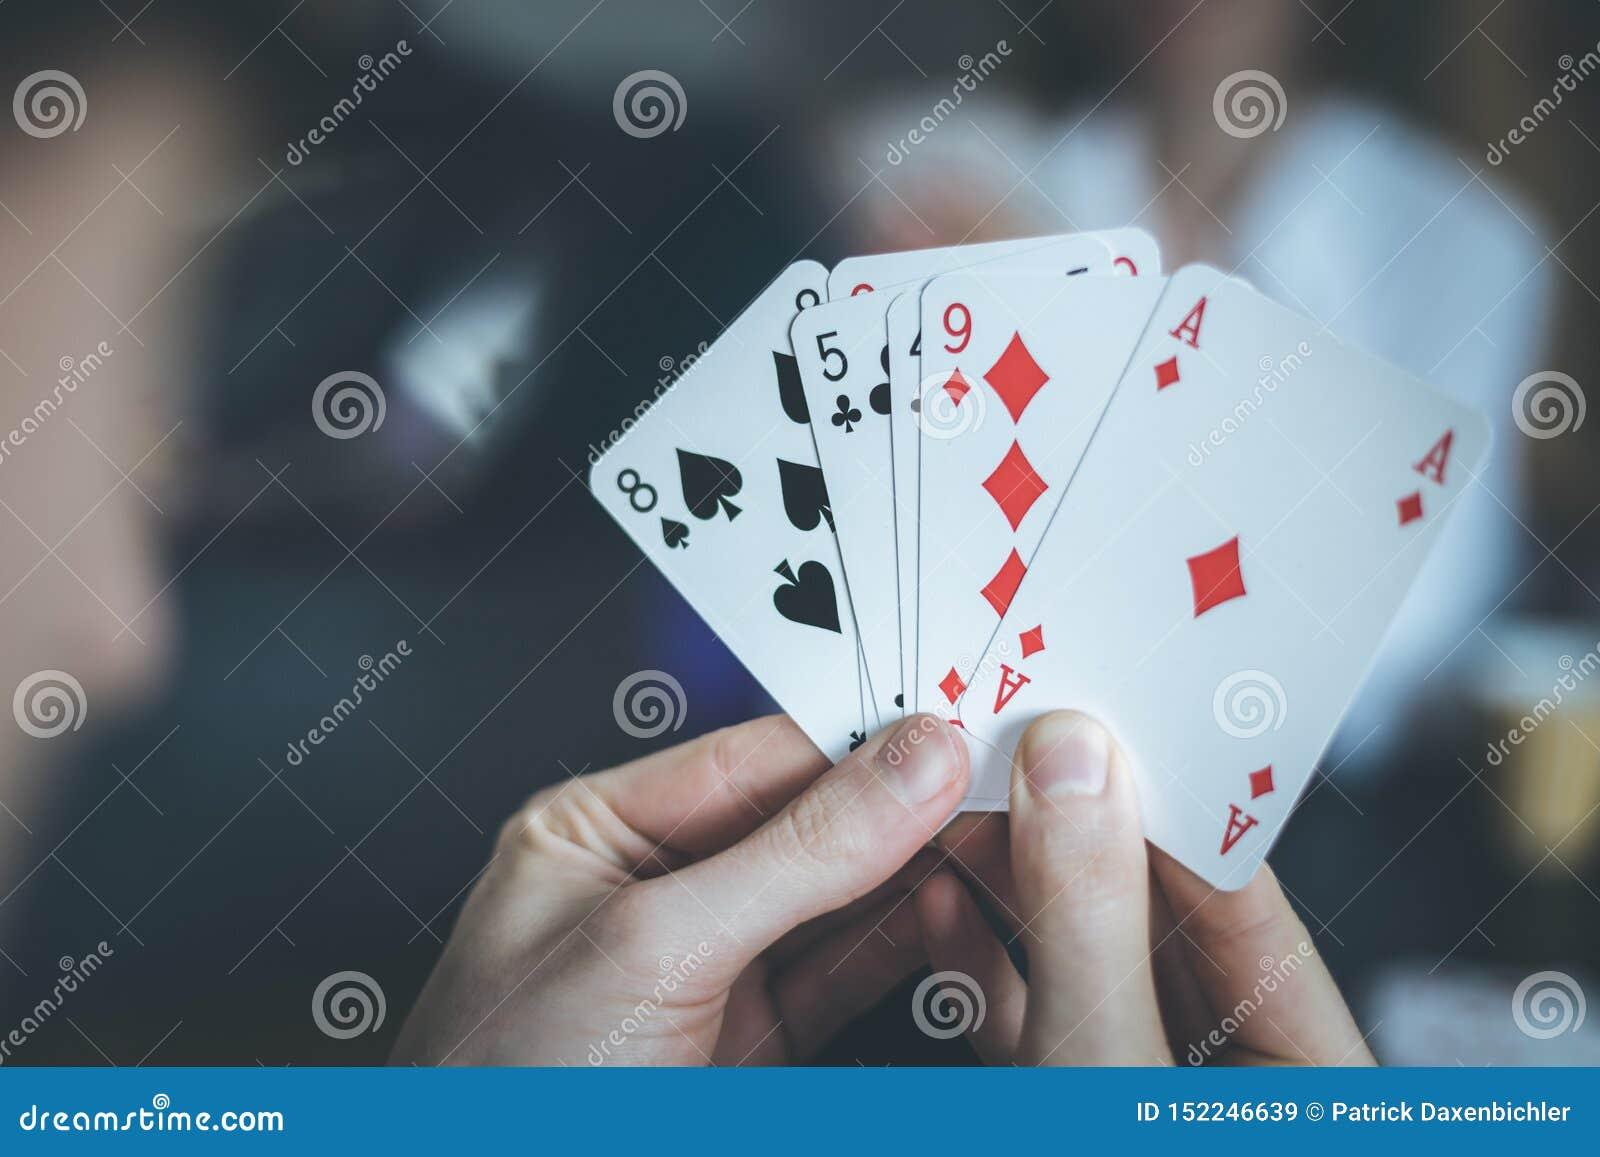 Карты играть с человеком чат рулетка онлайн для мобильных